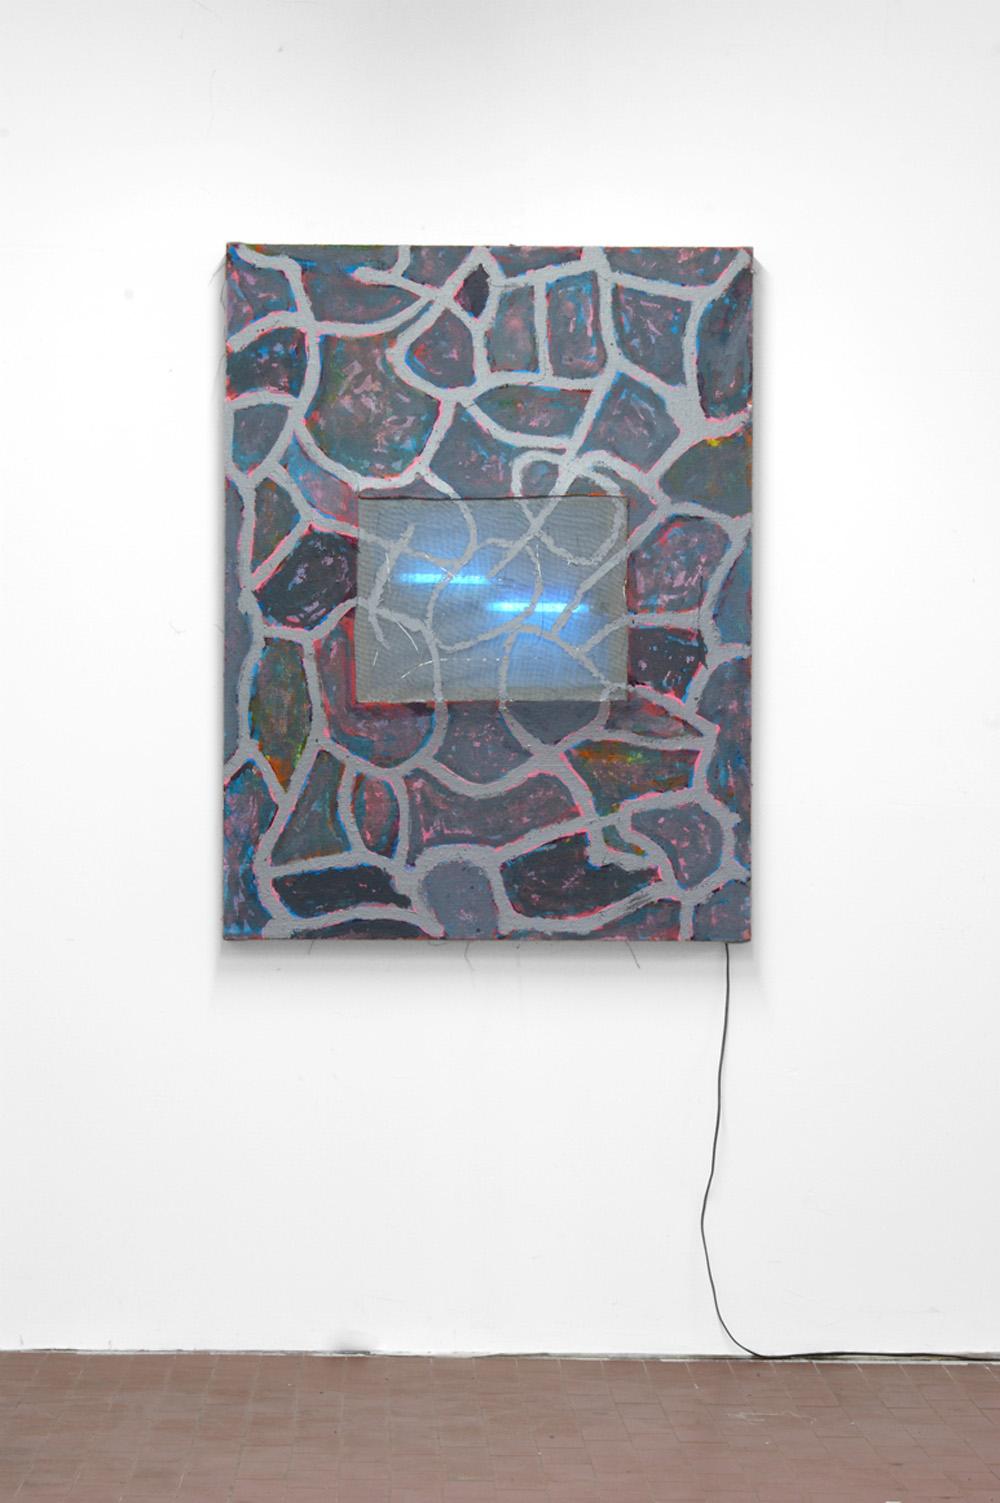 Davide Mancini Zanchi, Astrazione futile che attira le zanzare, 2018, quadro estroflesso, zanzariera e neon, cm 125x95